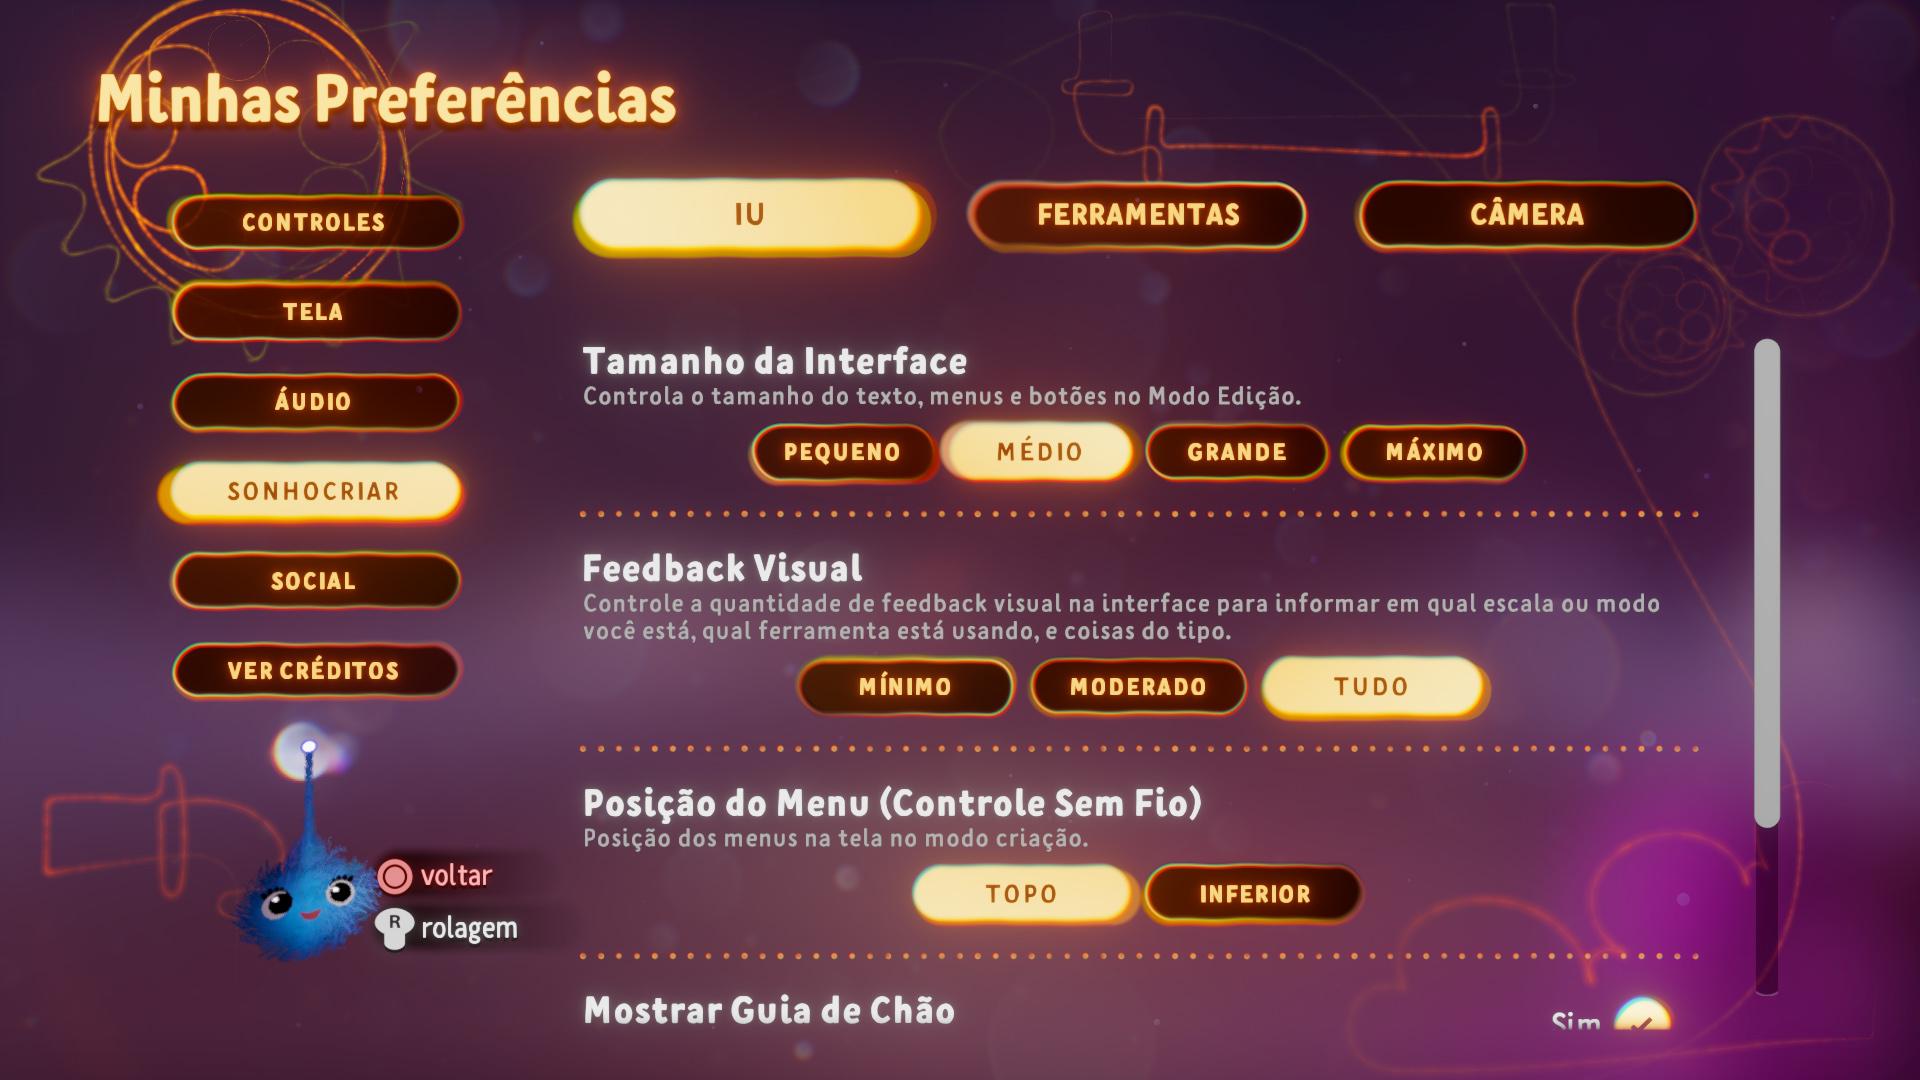 Captura de tela mostrando as Opções de Tamanho da IU no Menu Preferências